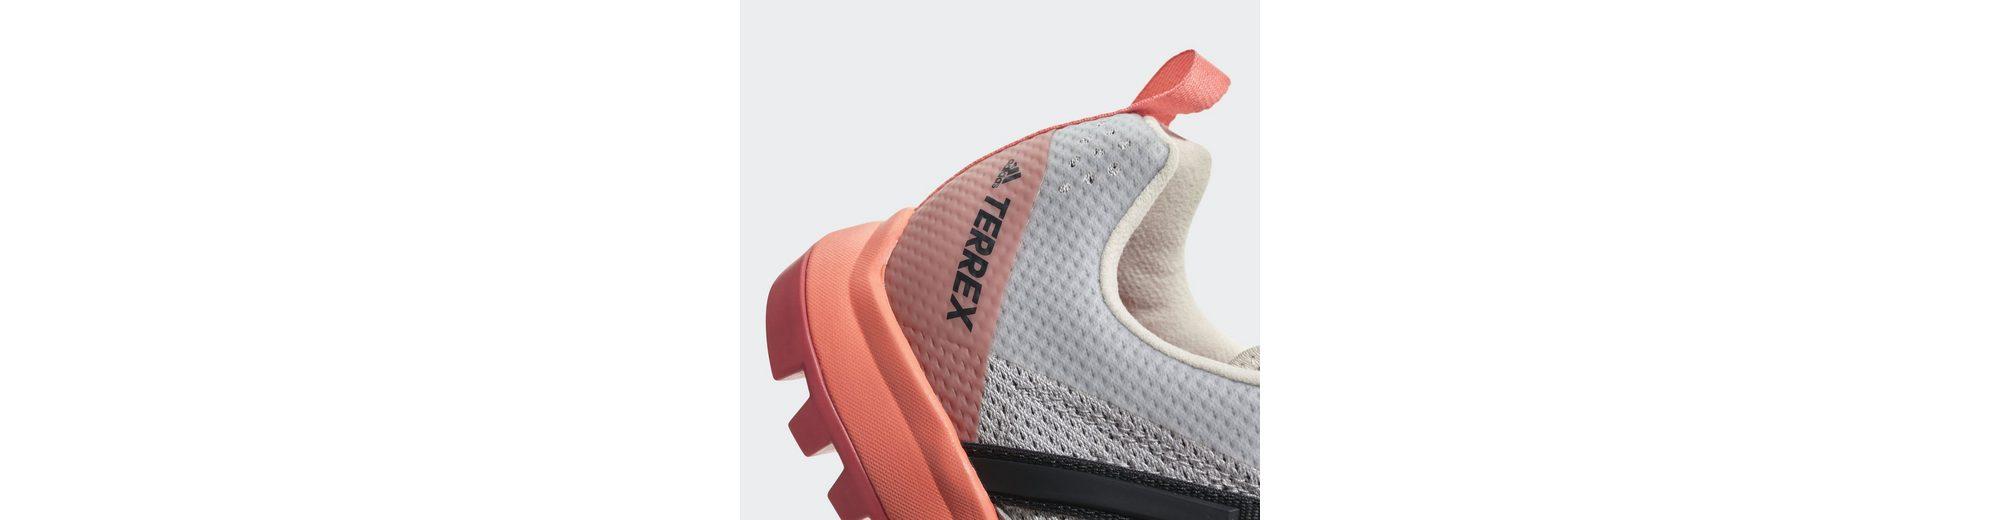 adidas Performance Solo Outdoorschuh Einkaufen Outlet Online Freies Verschiffen Extrem Spielraum Versorgung Rua6HDdoHJ